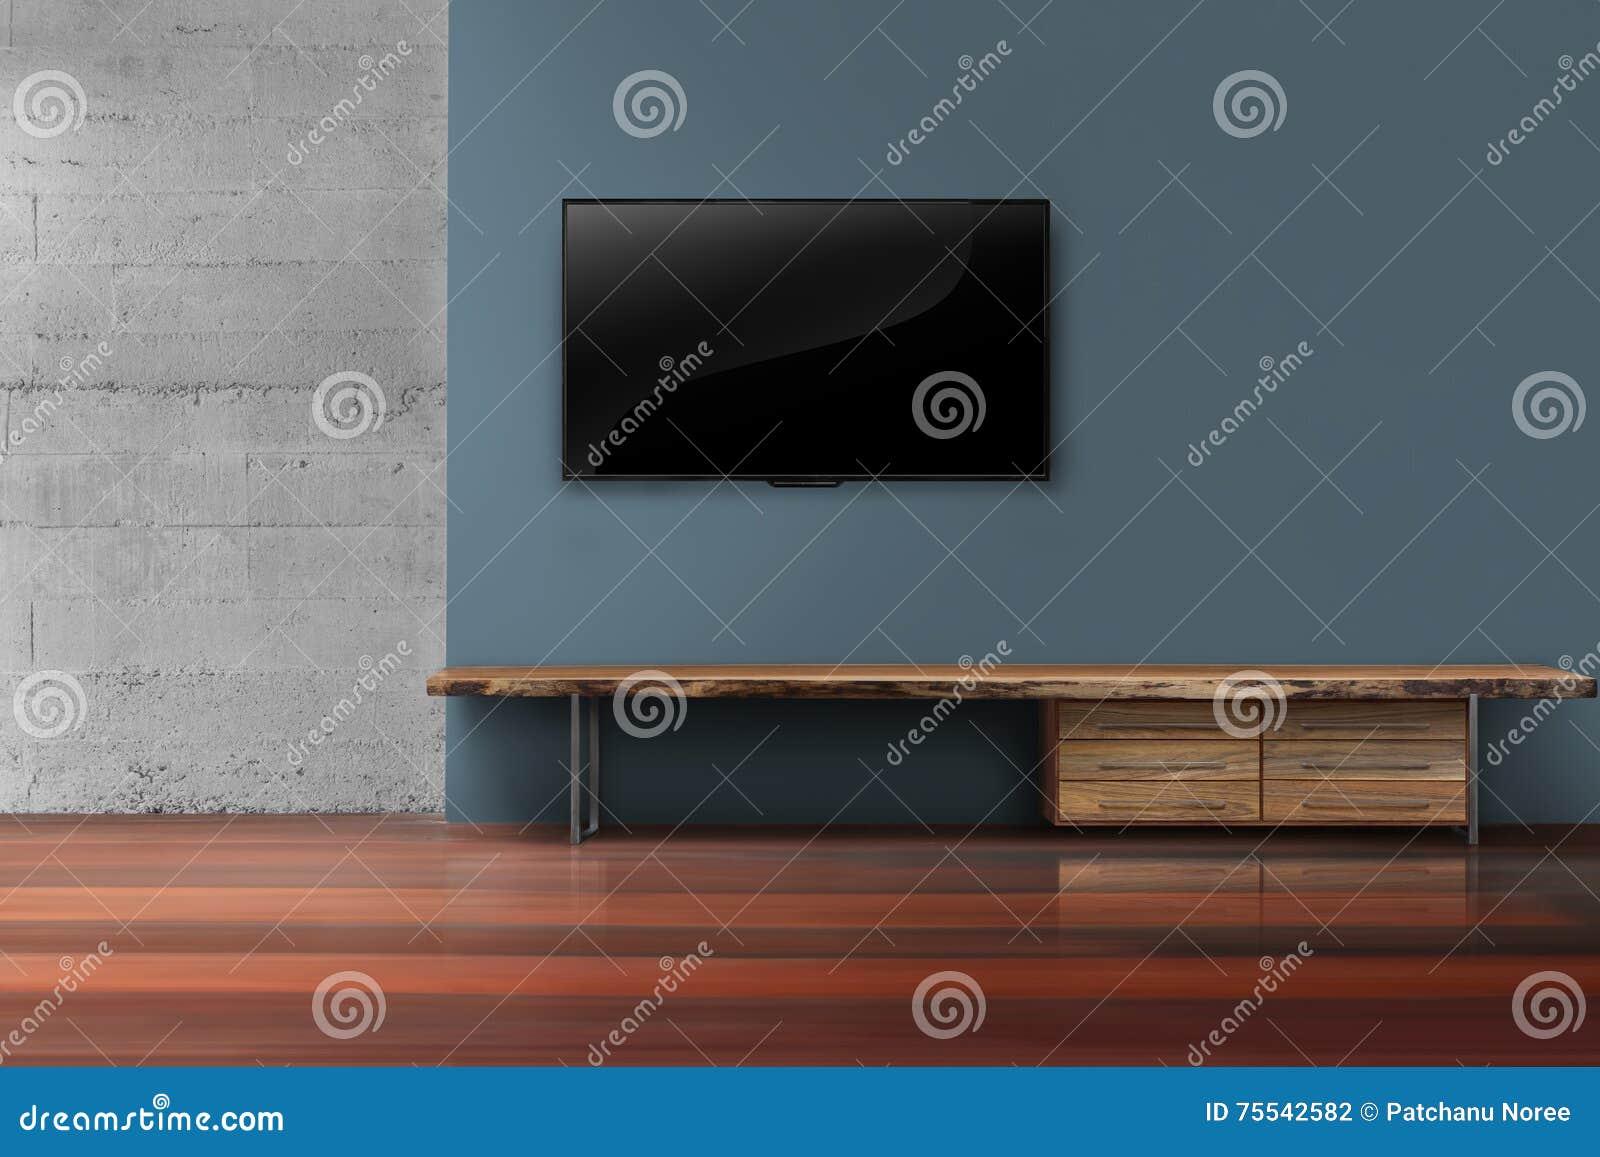 Tv Op Plank Aan Muur.Geleide Tv Op Donkerblauwe Muur Met Houten Meubilair In Het Lege